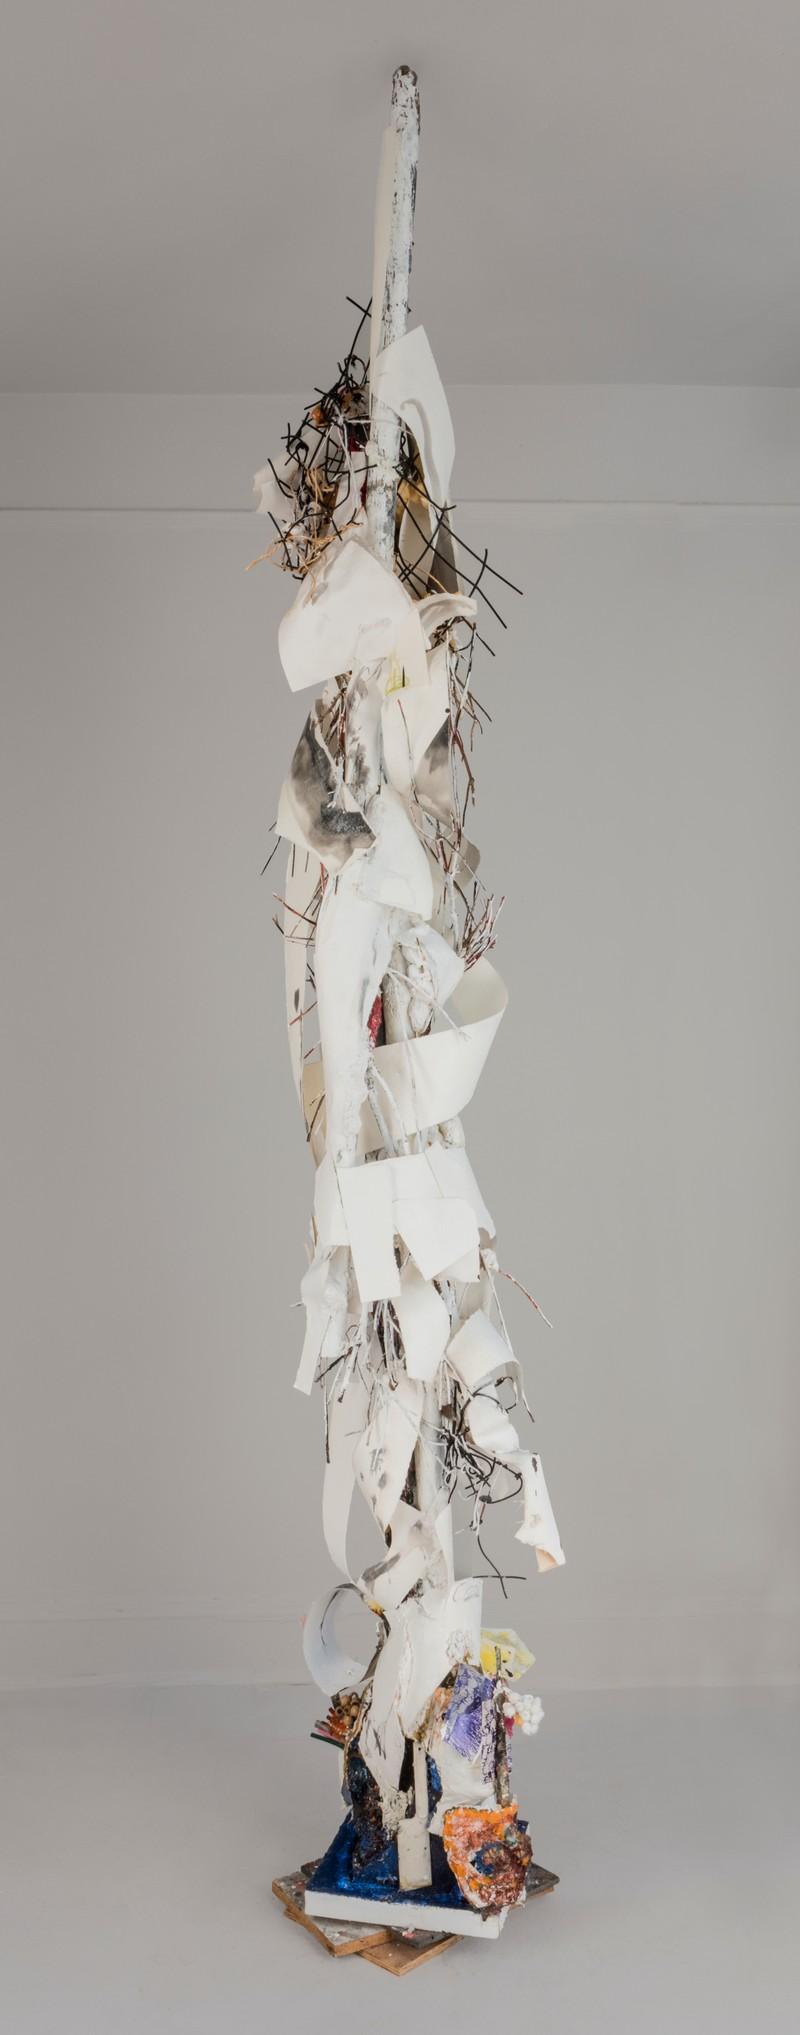 Artwork – Paper Totem, 2020